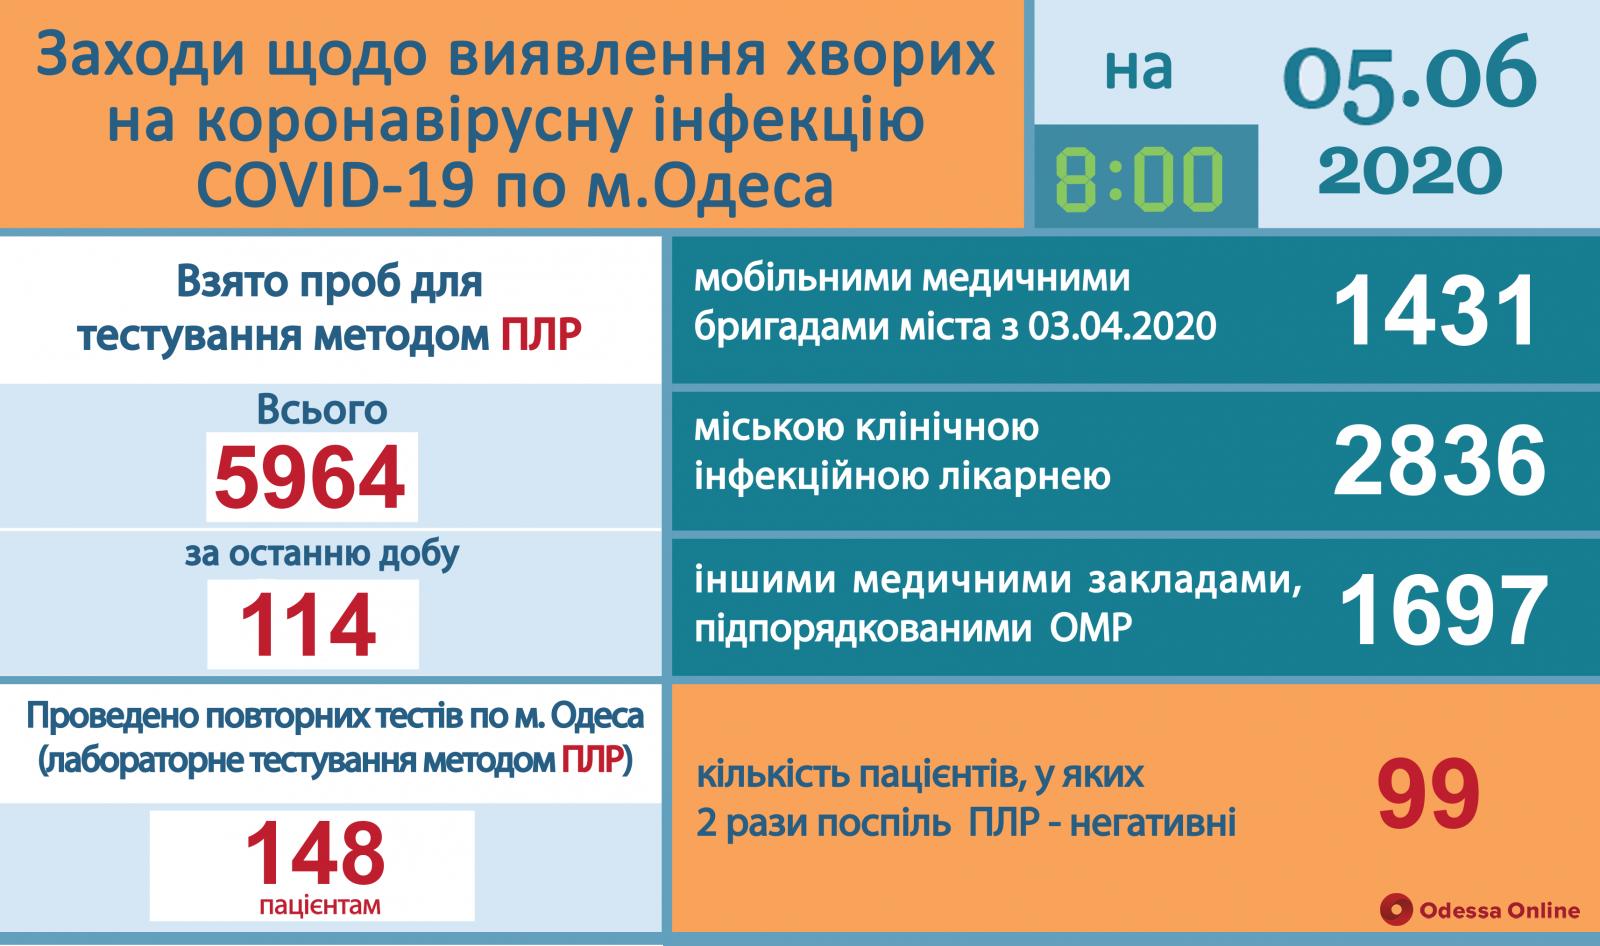 Одесса: от коронавируса выздоровели уже 99 человек